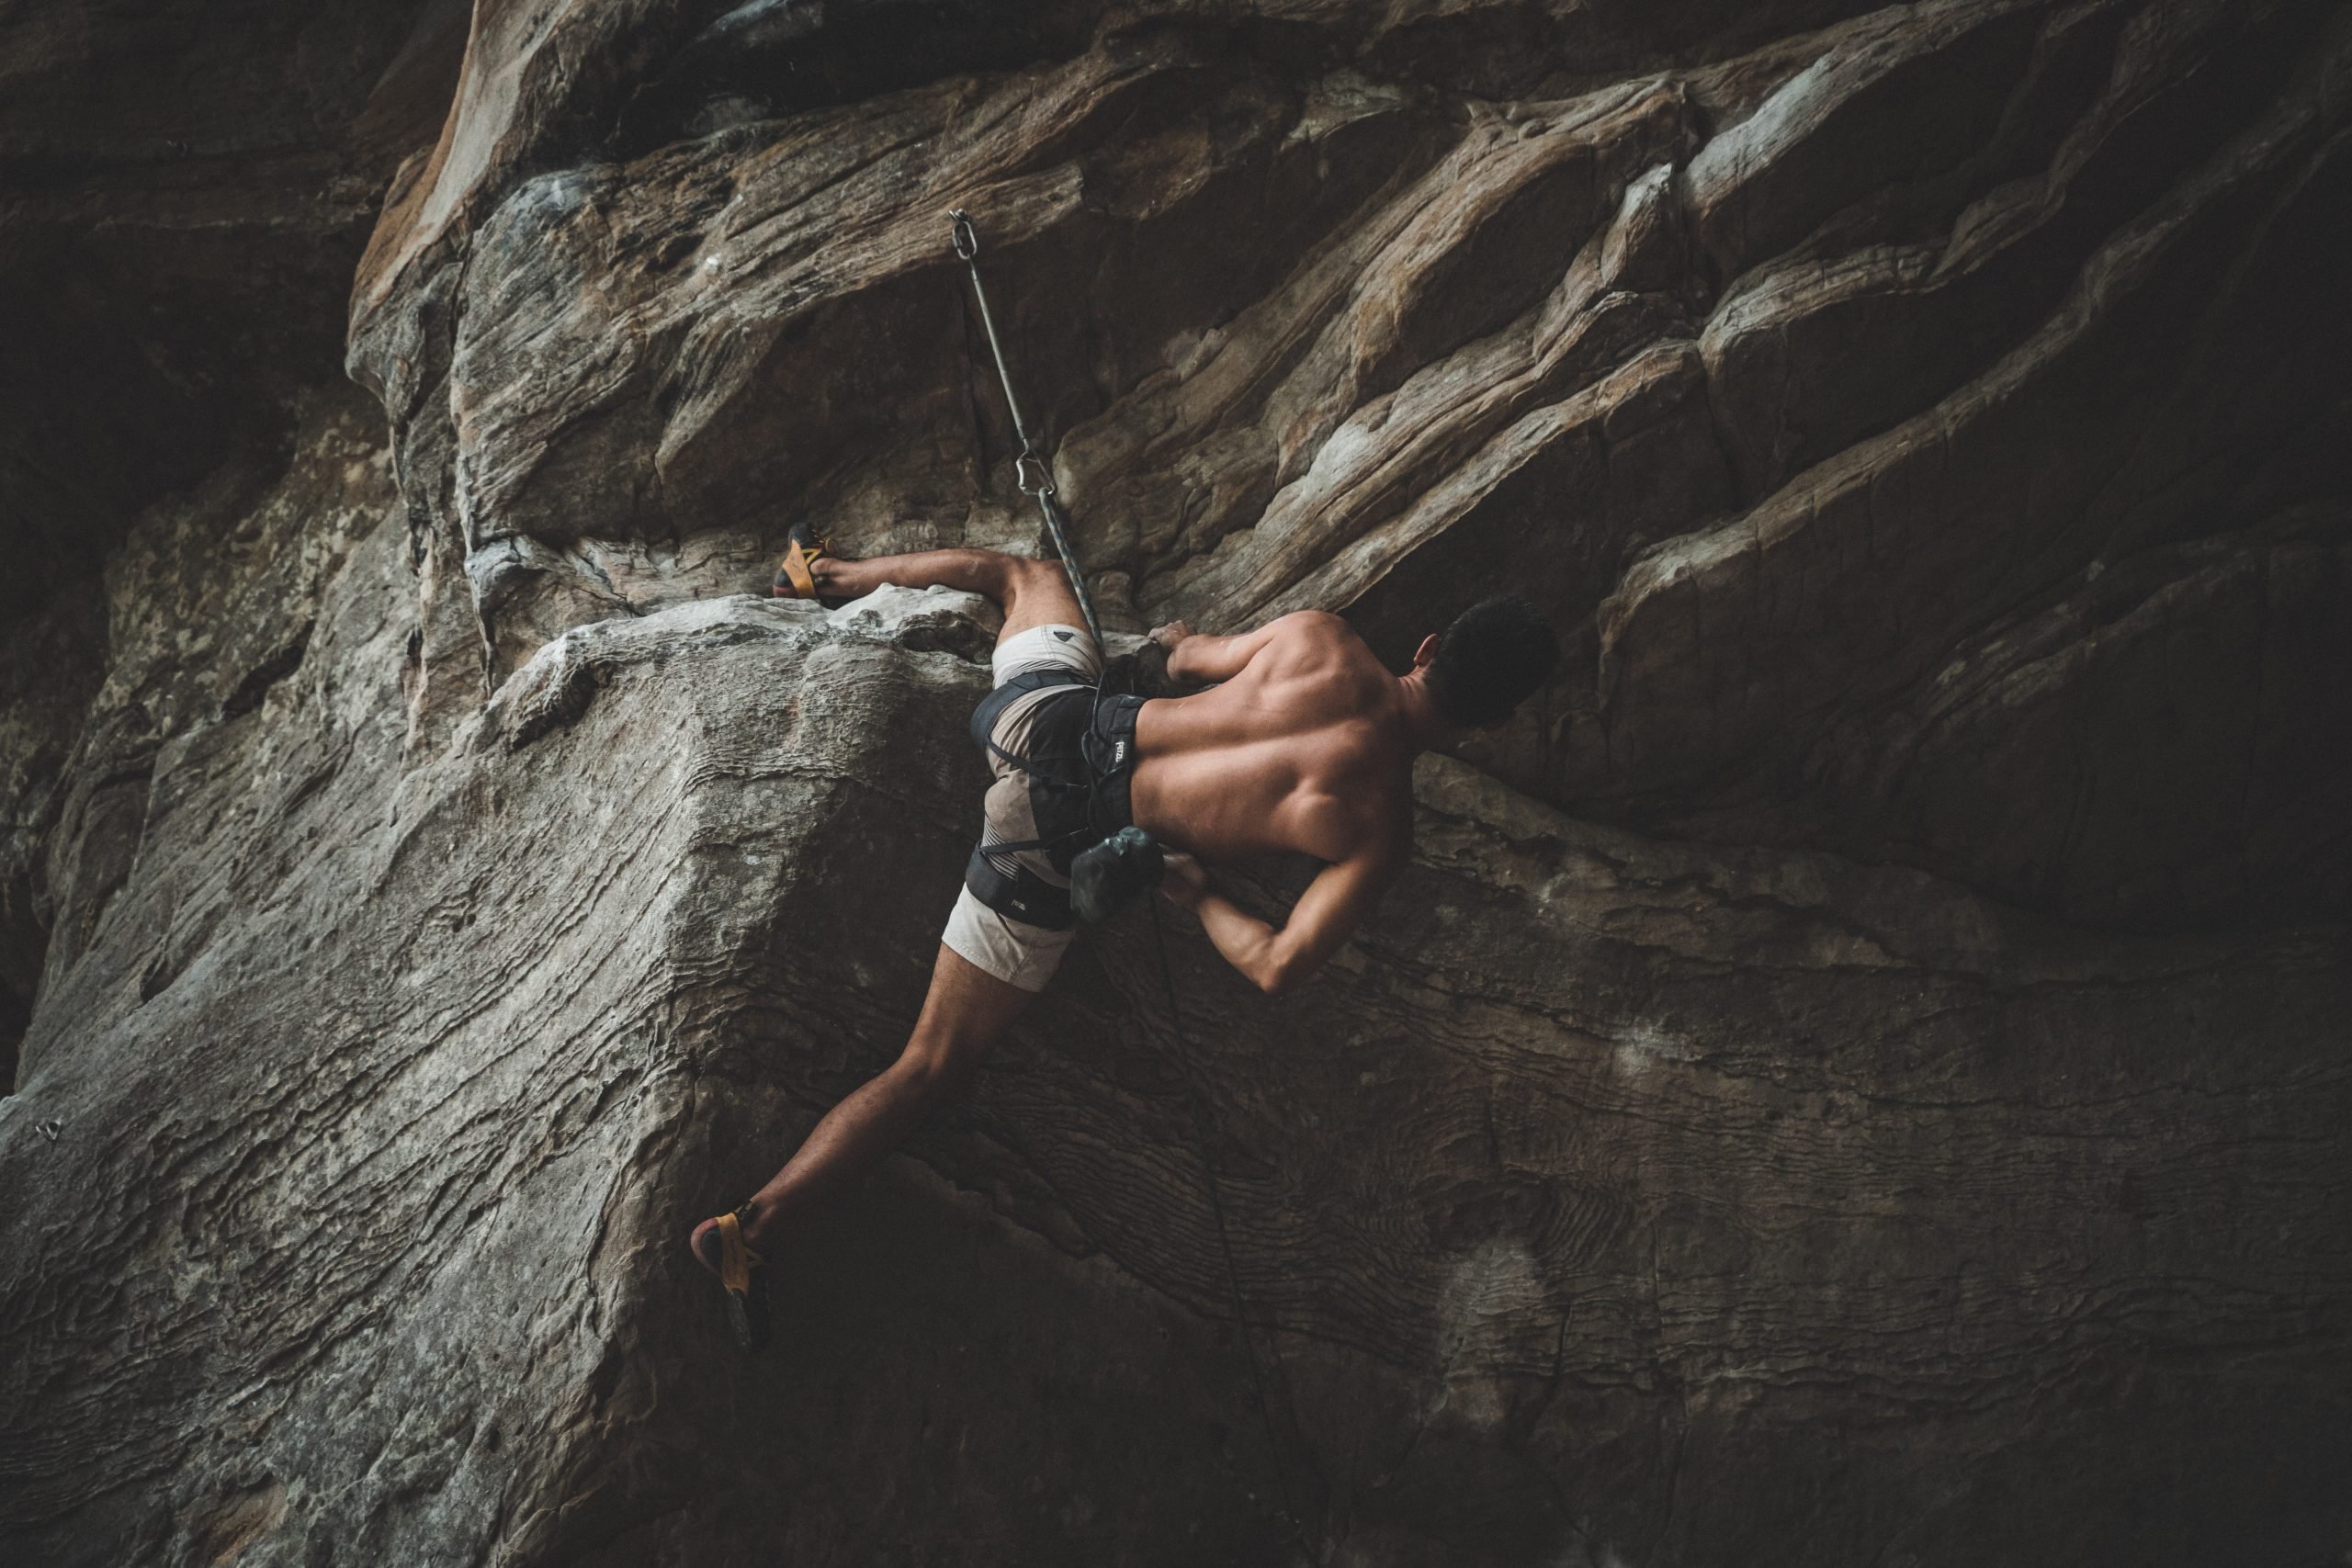 A sport climber